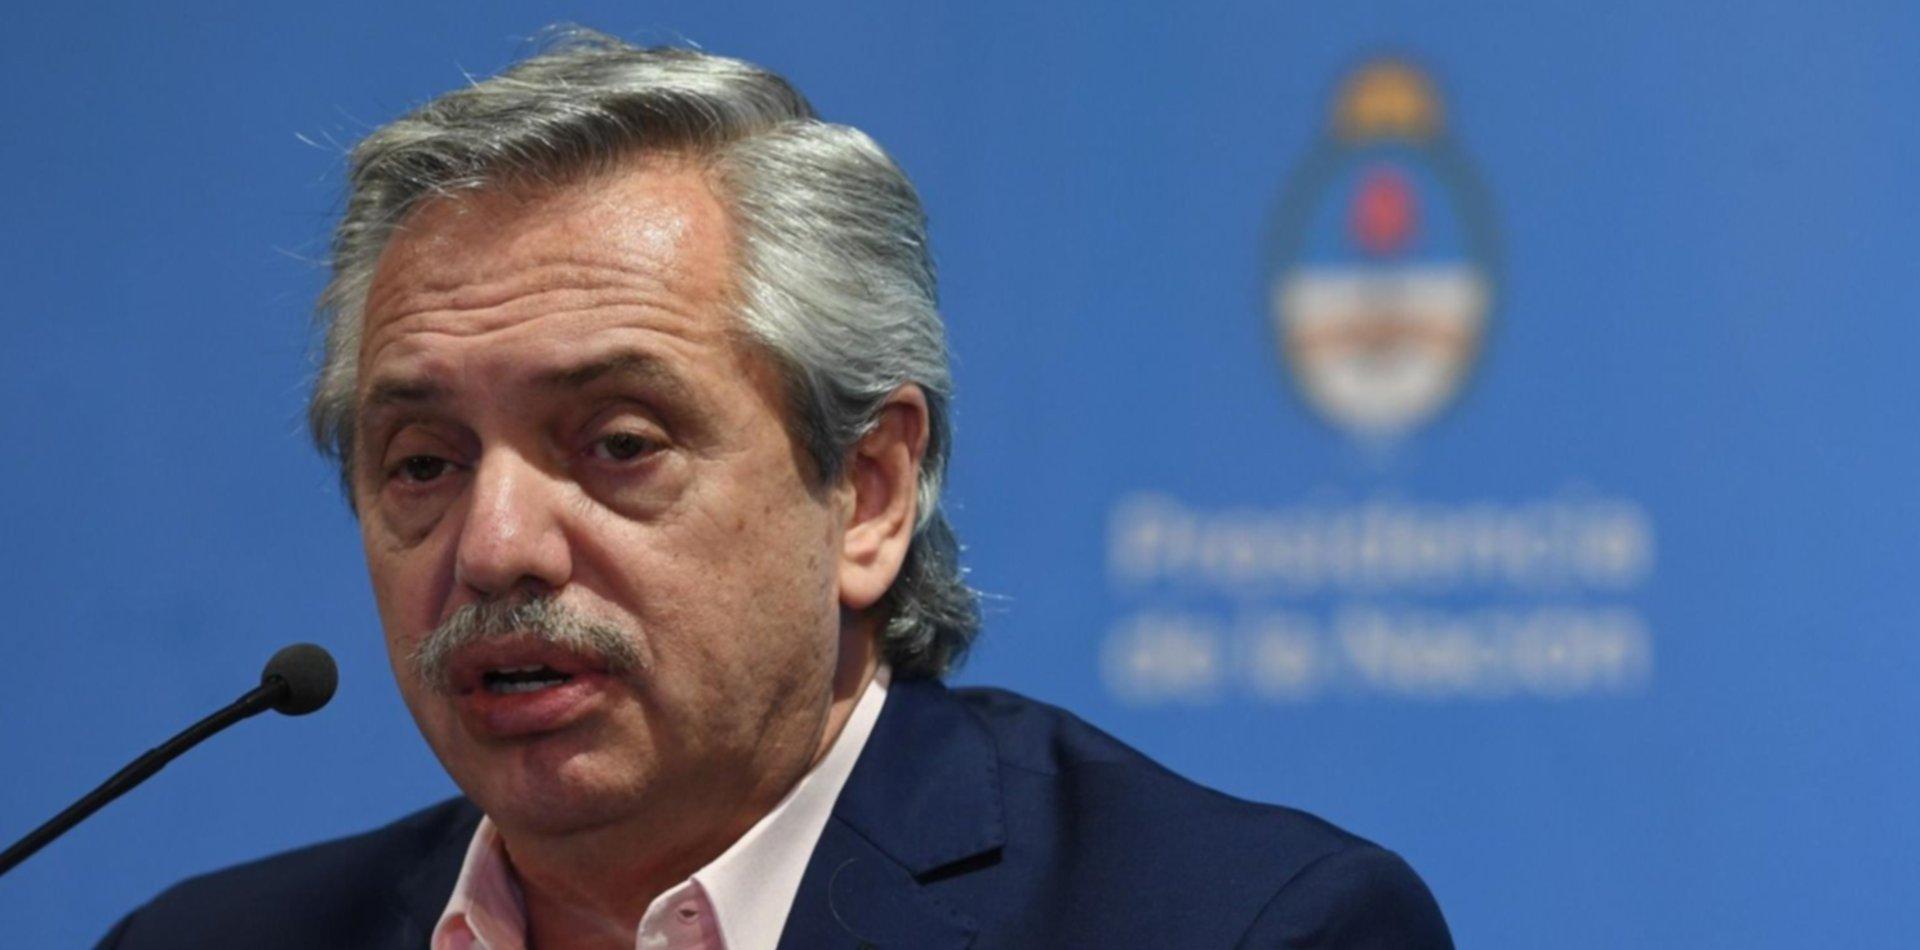 """Alberto Fernández dijo que es """"canallesco"""" sembrar dudas sobre el crimen de Gutiérrez"""